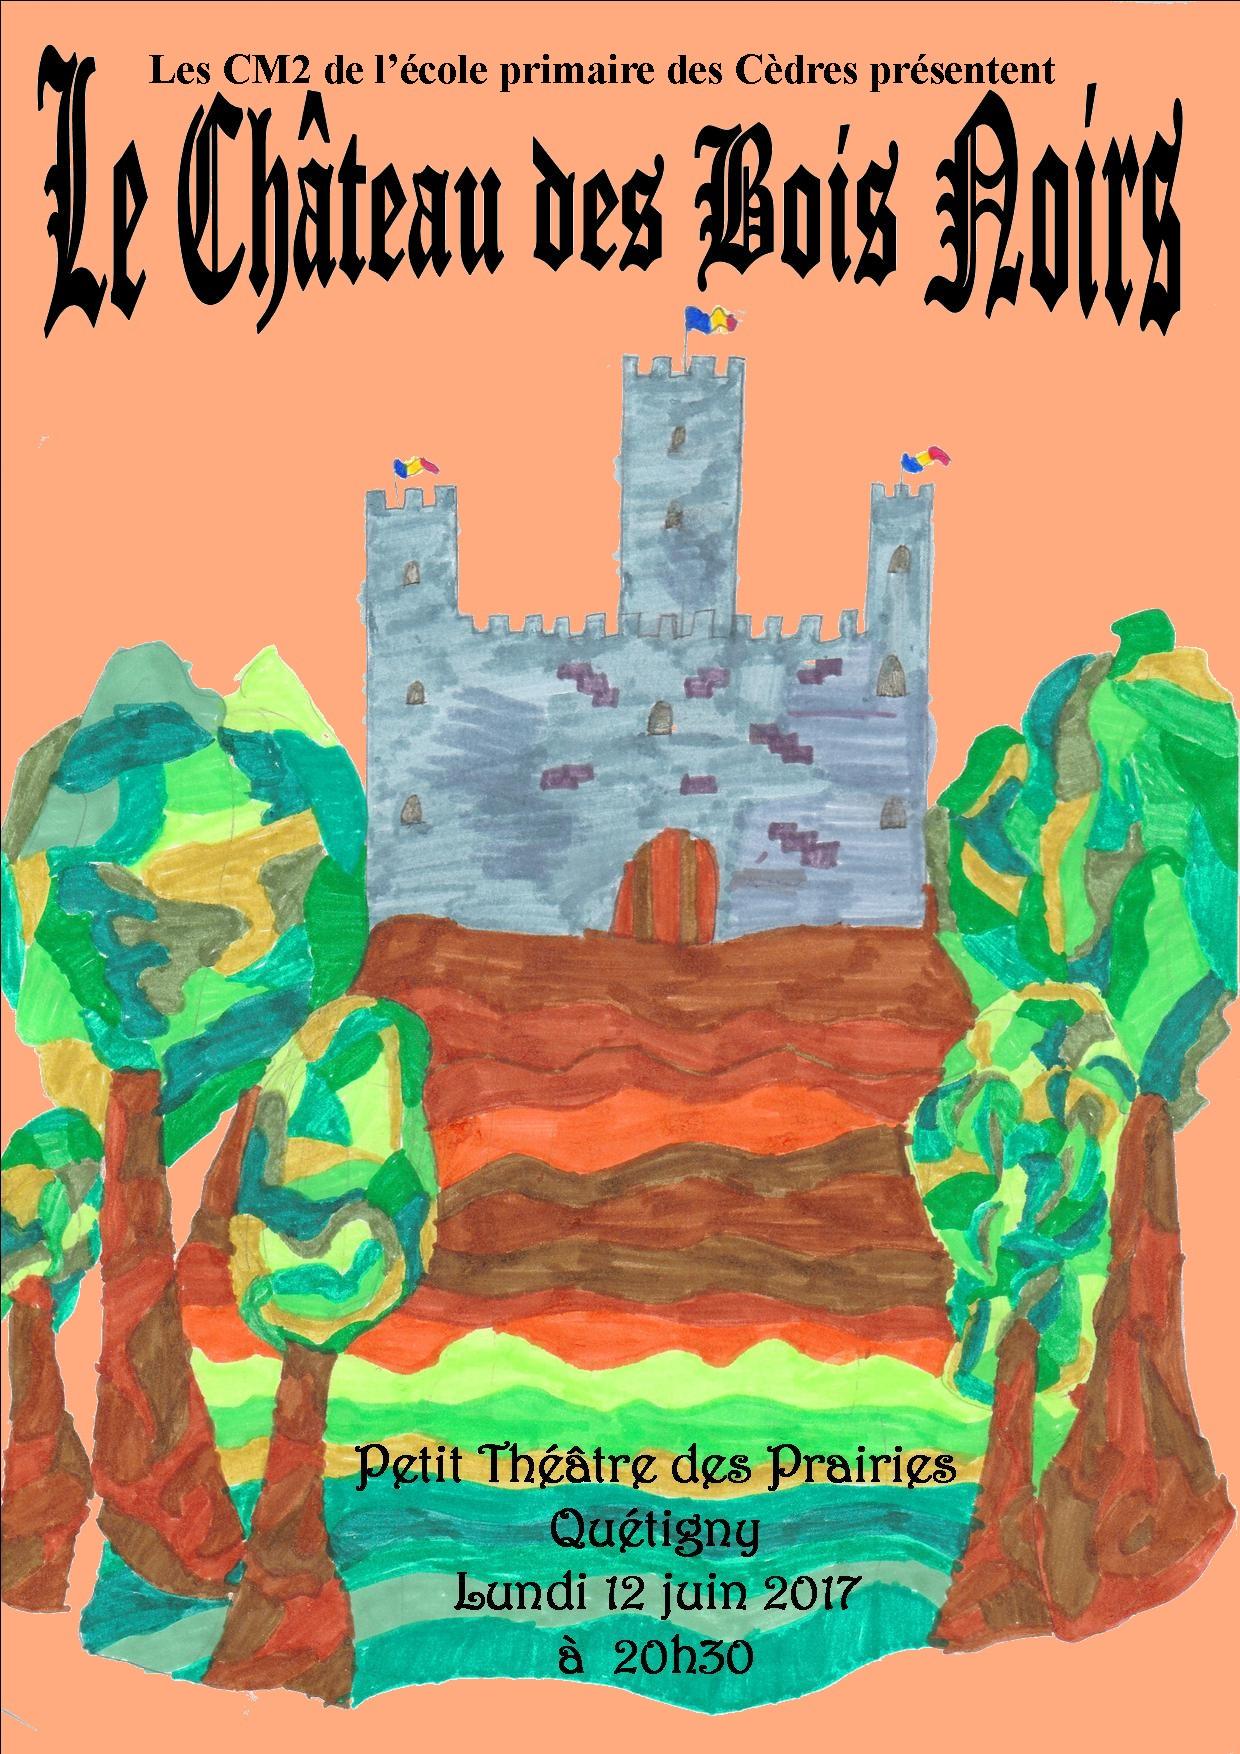 Affiche Château des Bois Noirs 02.jpg